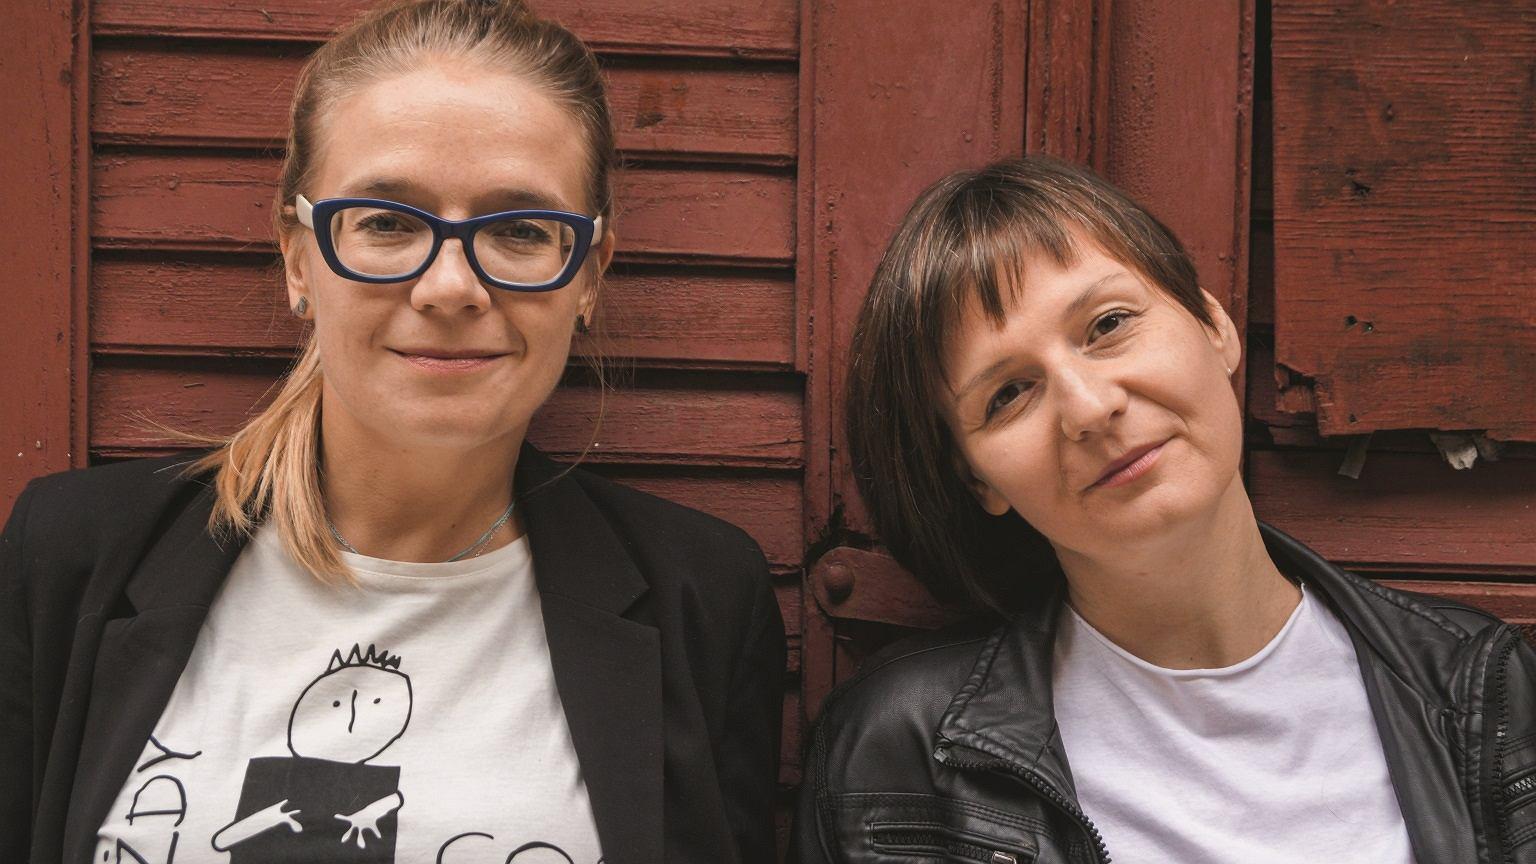 Po lewej - Anna Jurek, po prawej - Aleksandra Dulas - edukatorki seksualne